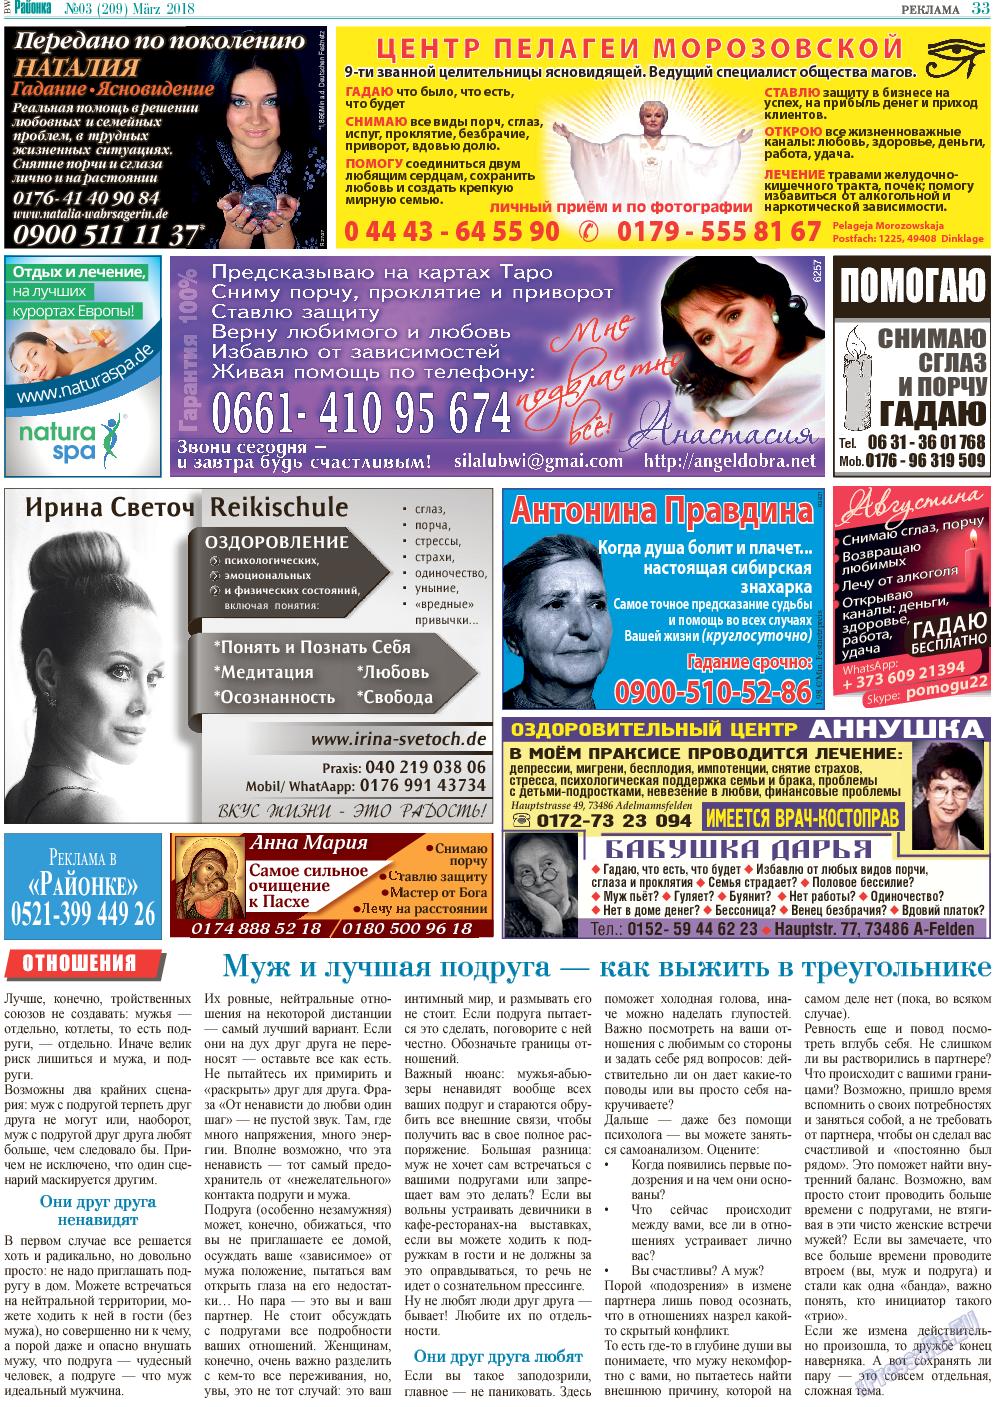 Районка-West (газета). 2018 год, номер 3, стр. 33